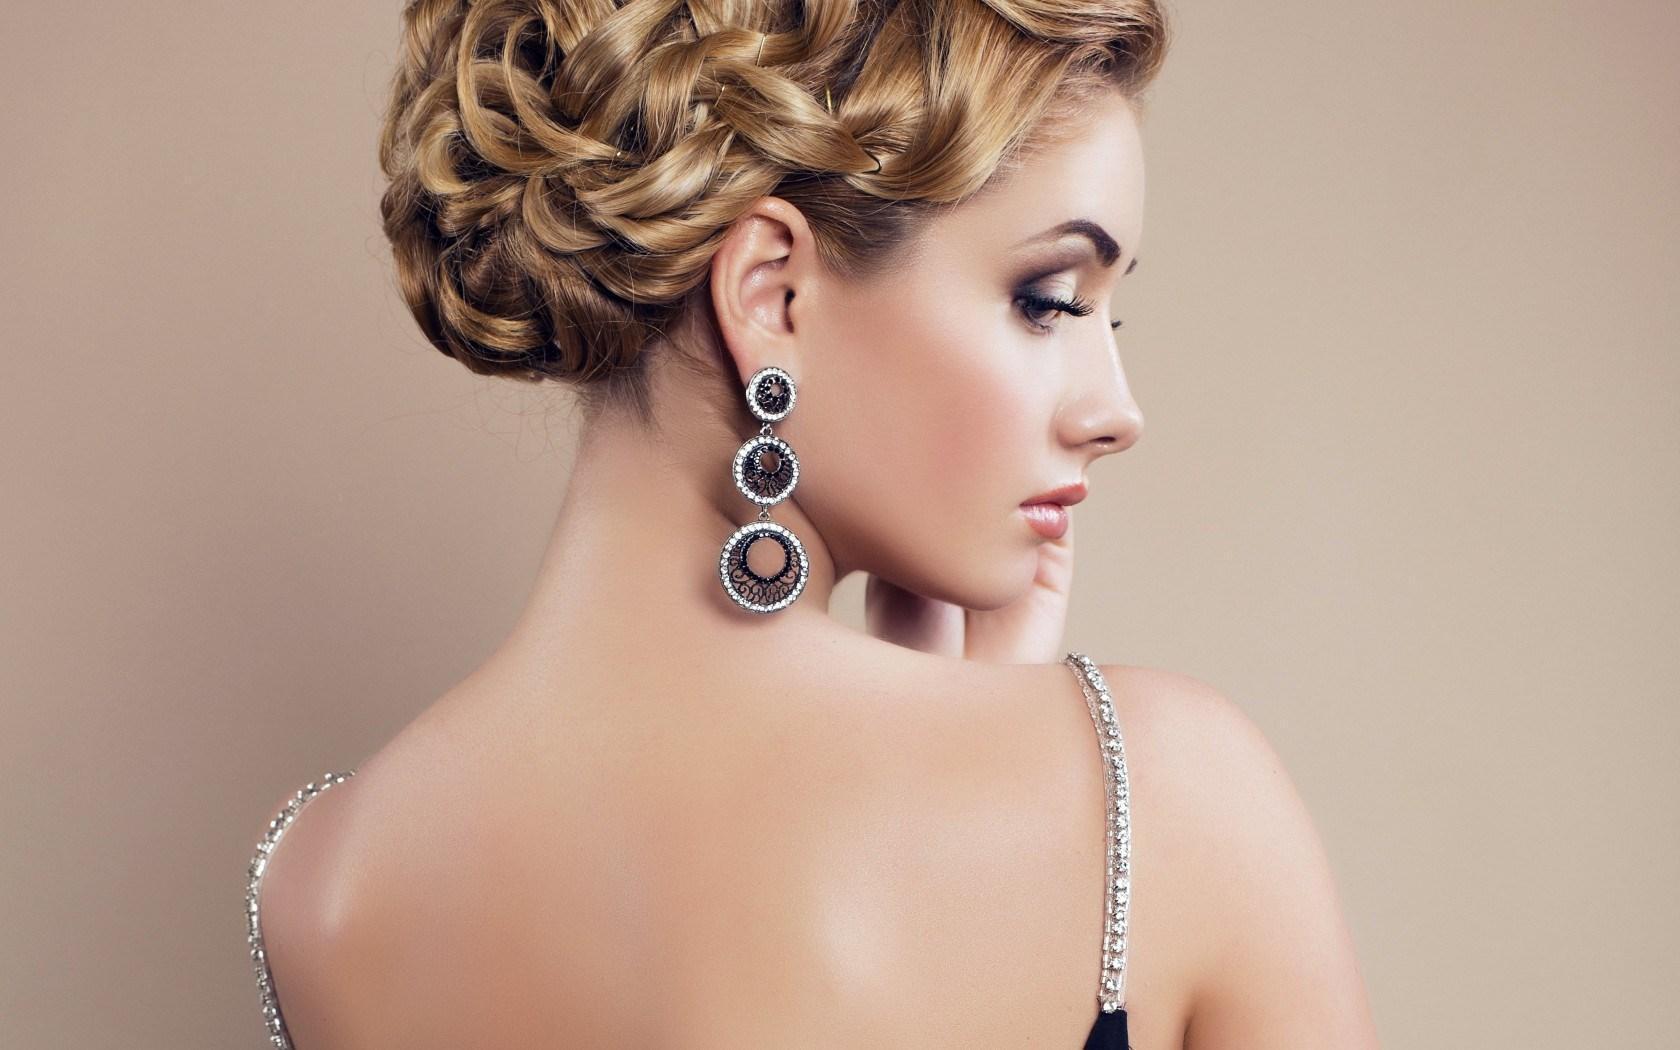 femme boucles d'oreilles bijoux de maquillage HD papier